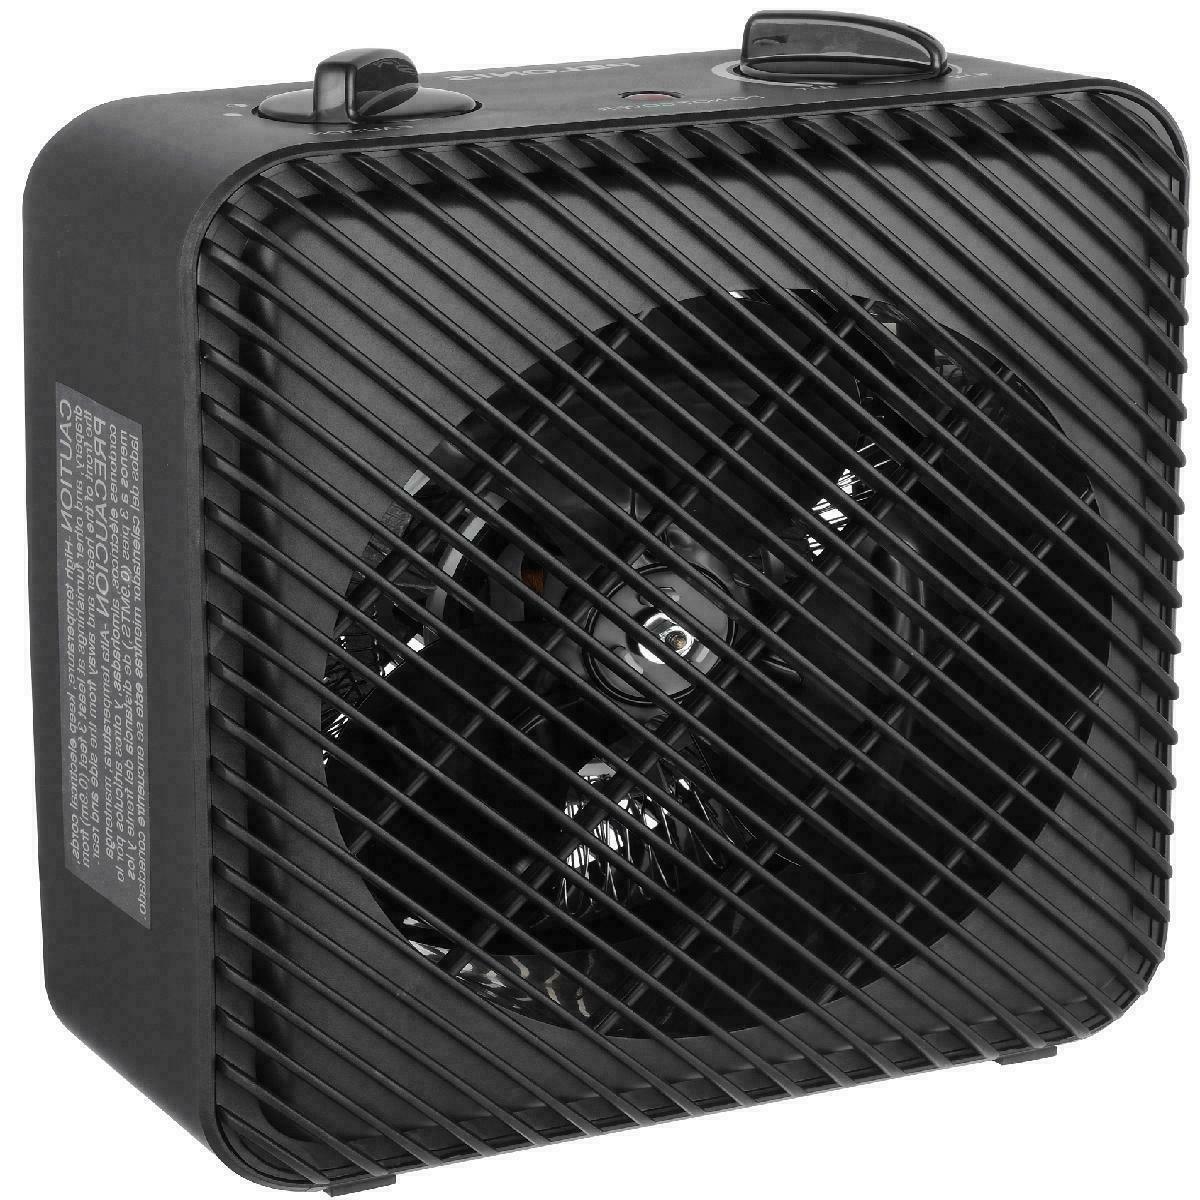 1500w 3 speed electric fan forced space